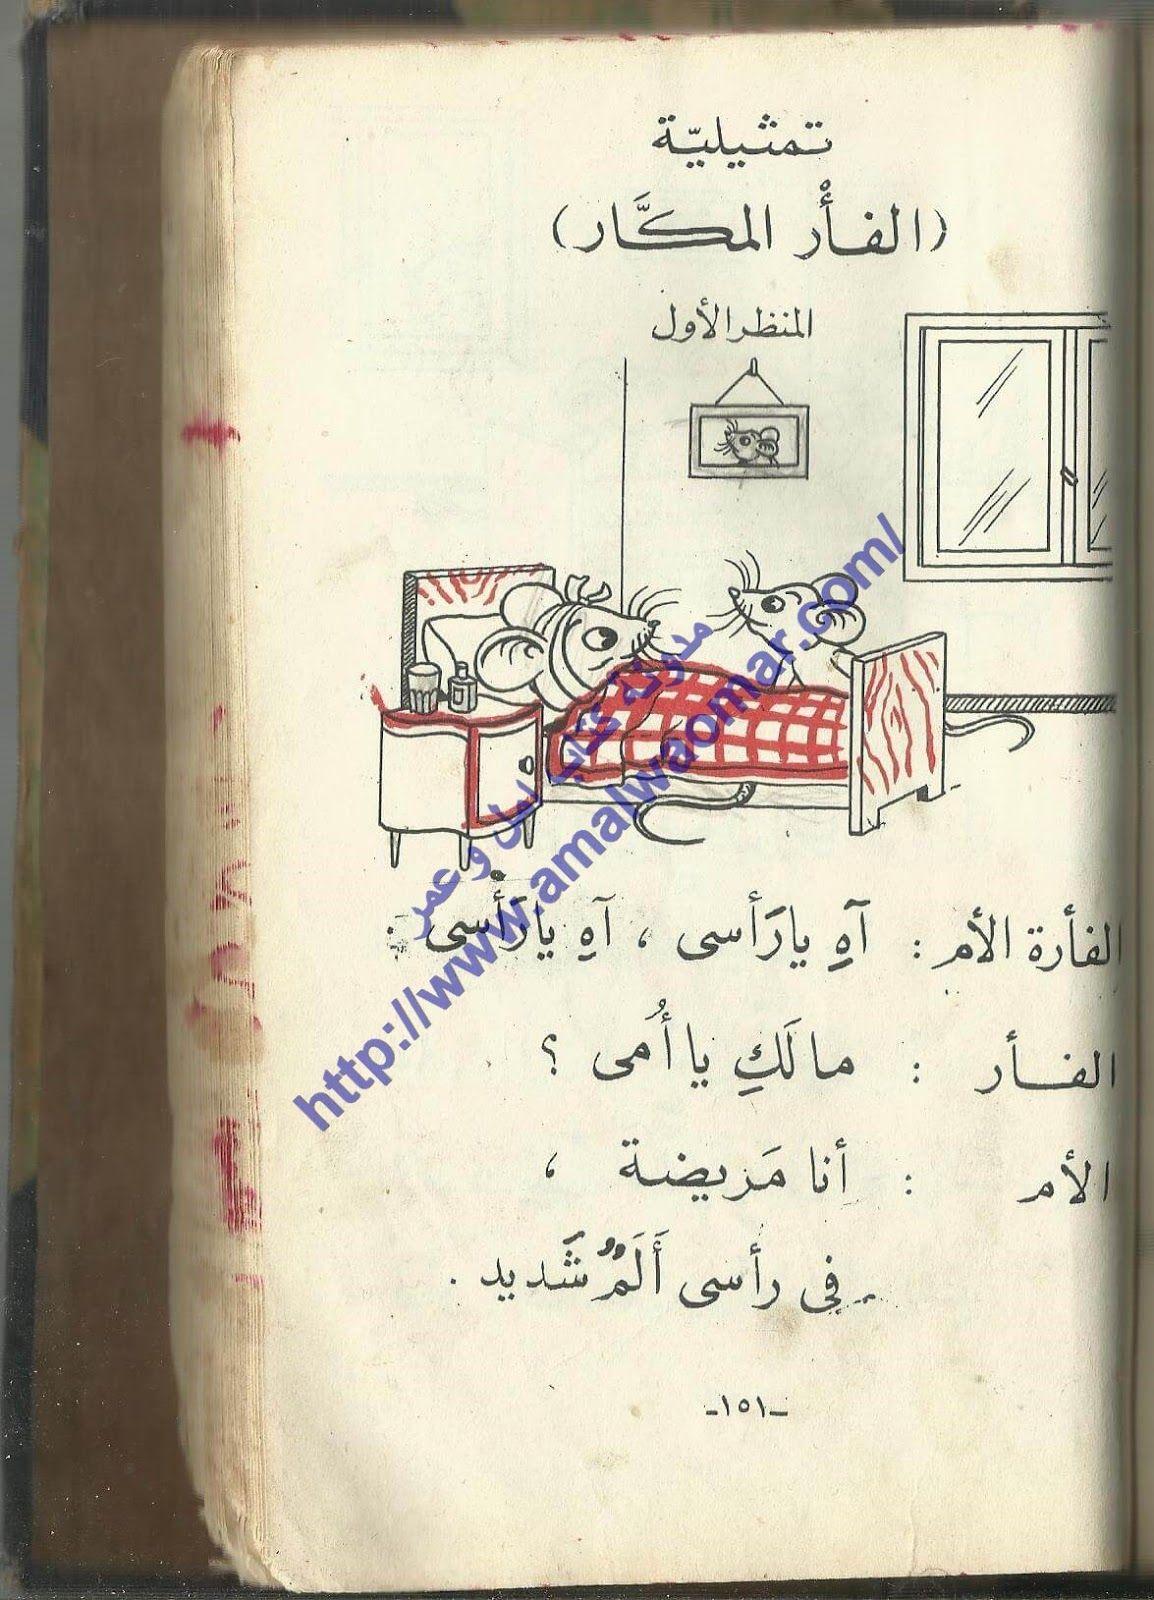 كتاب امل وعمر الفأر المكار من كتاب القراءة القديم Bullet Journal Journal Egyptian